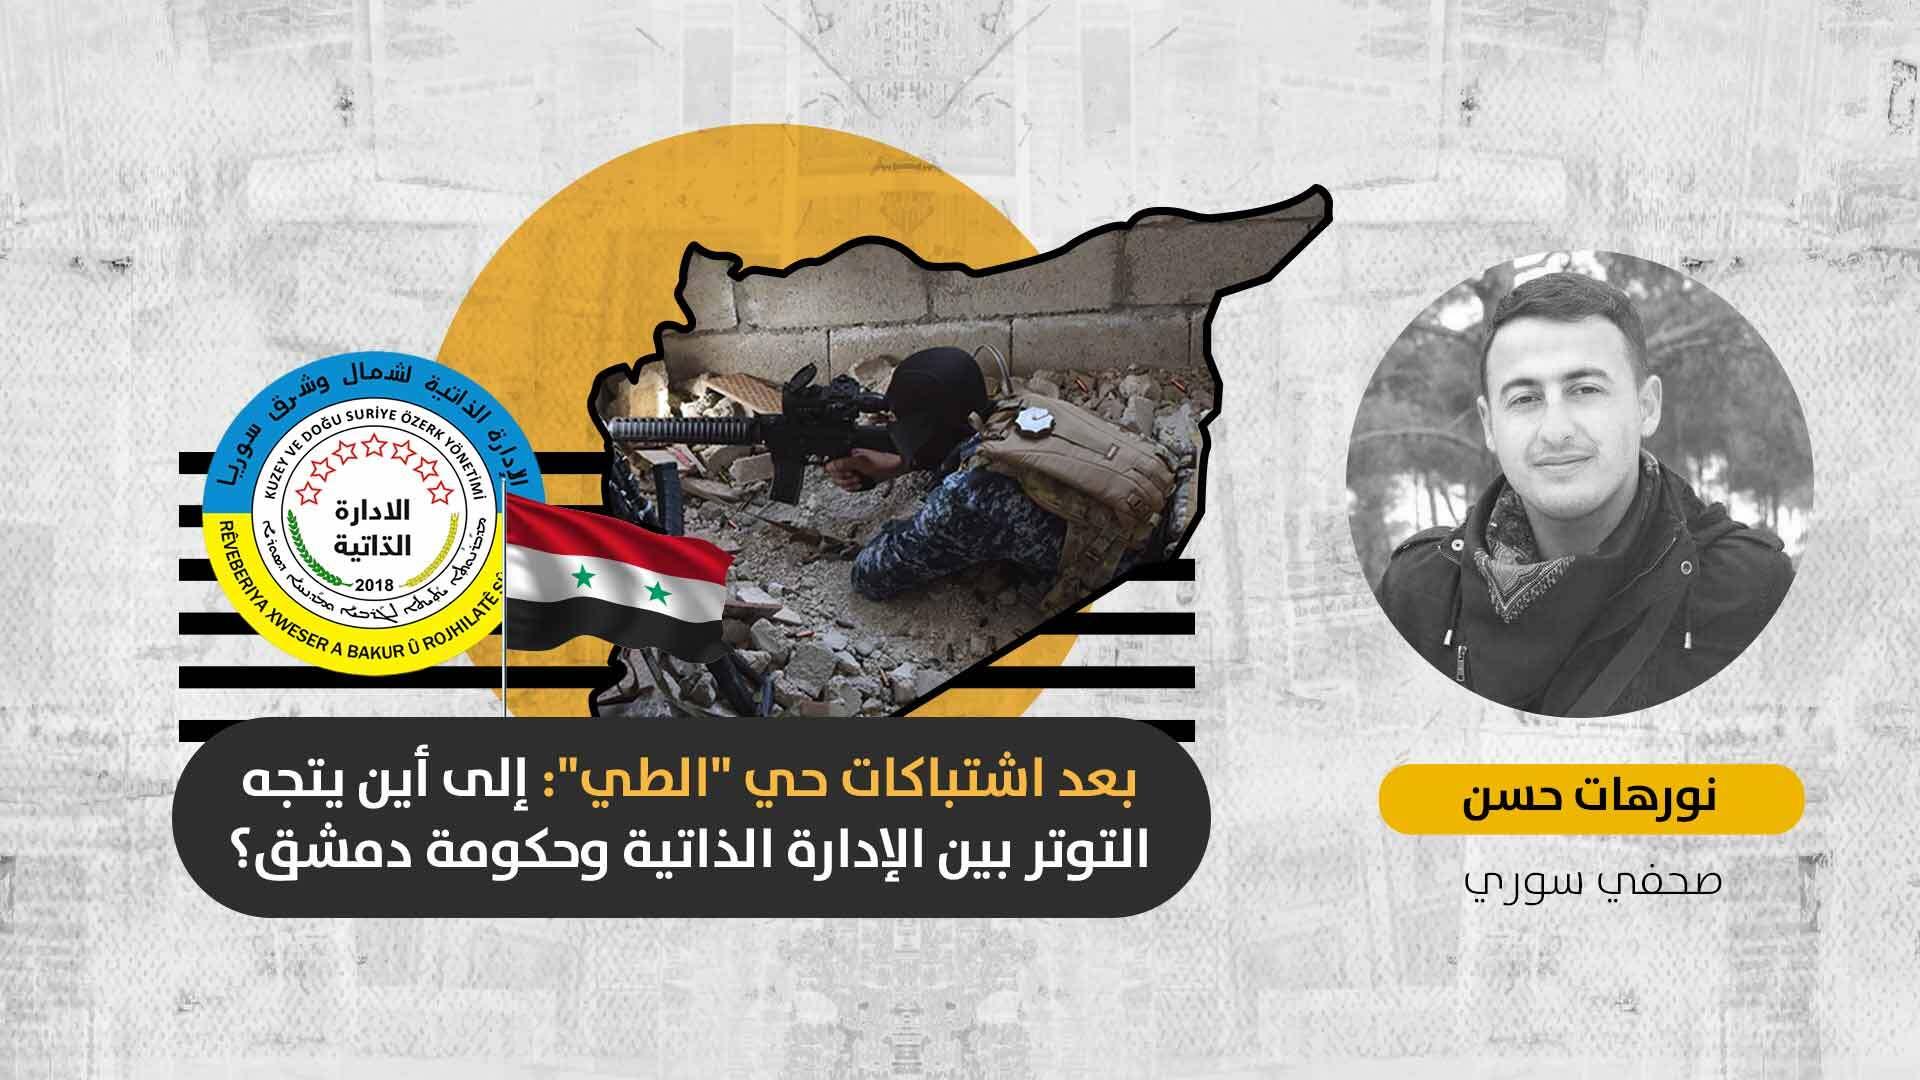 """مصدر في الحكومة السورية حول الاشتباكات الأخيرة في القامشلي: «لم نكن نريد التصعيد في المدينة، وحي """"الطي"""" لا يهمنا»"""